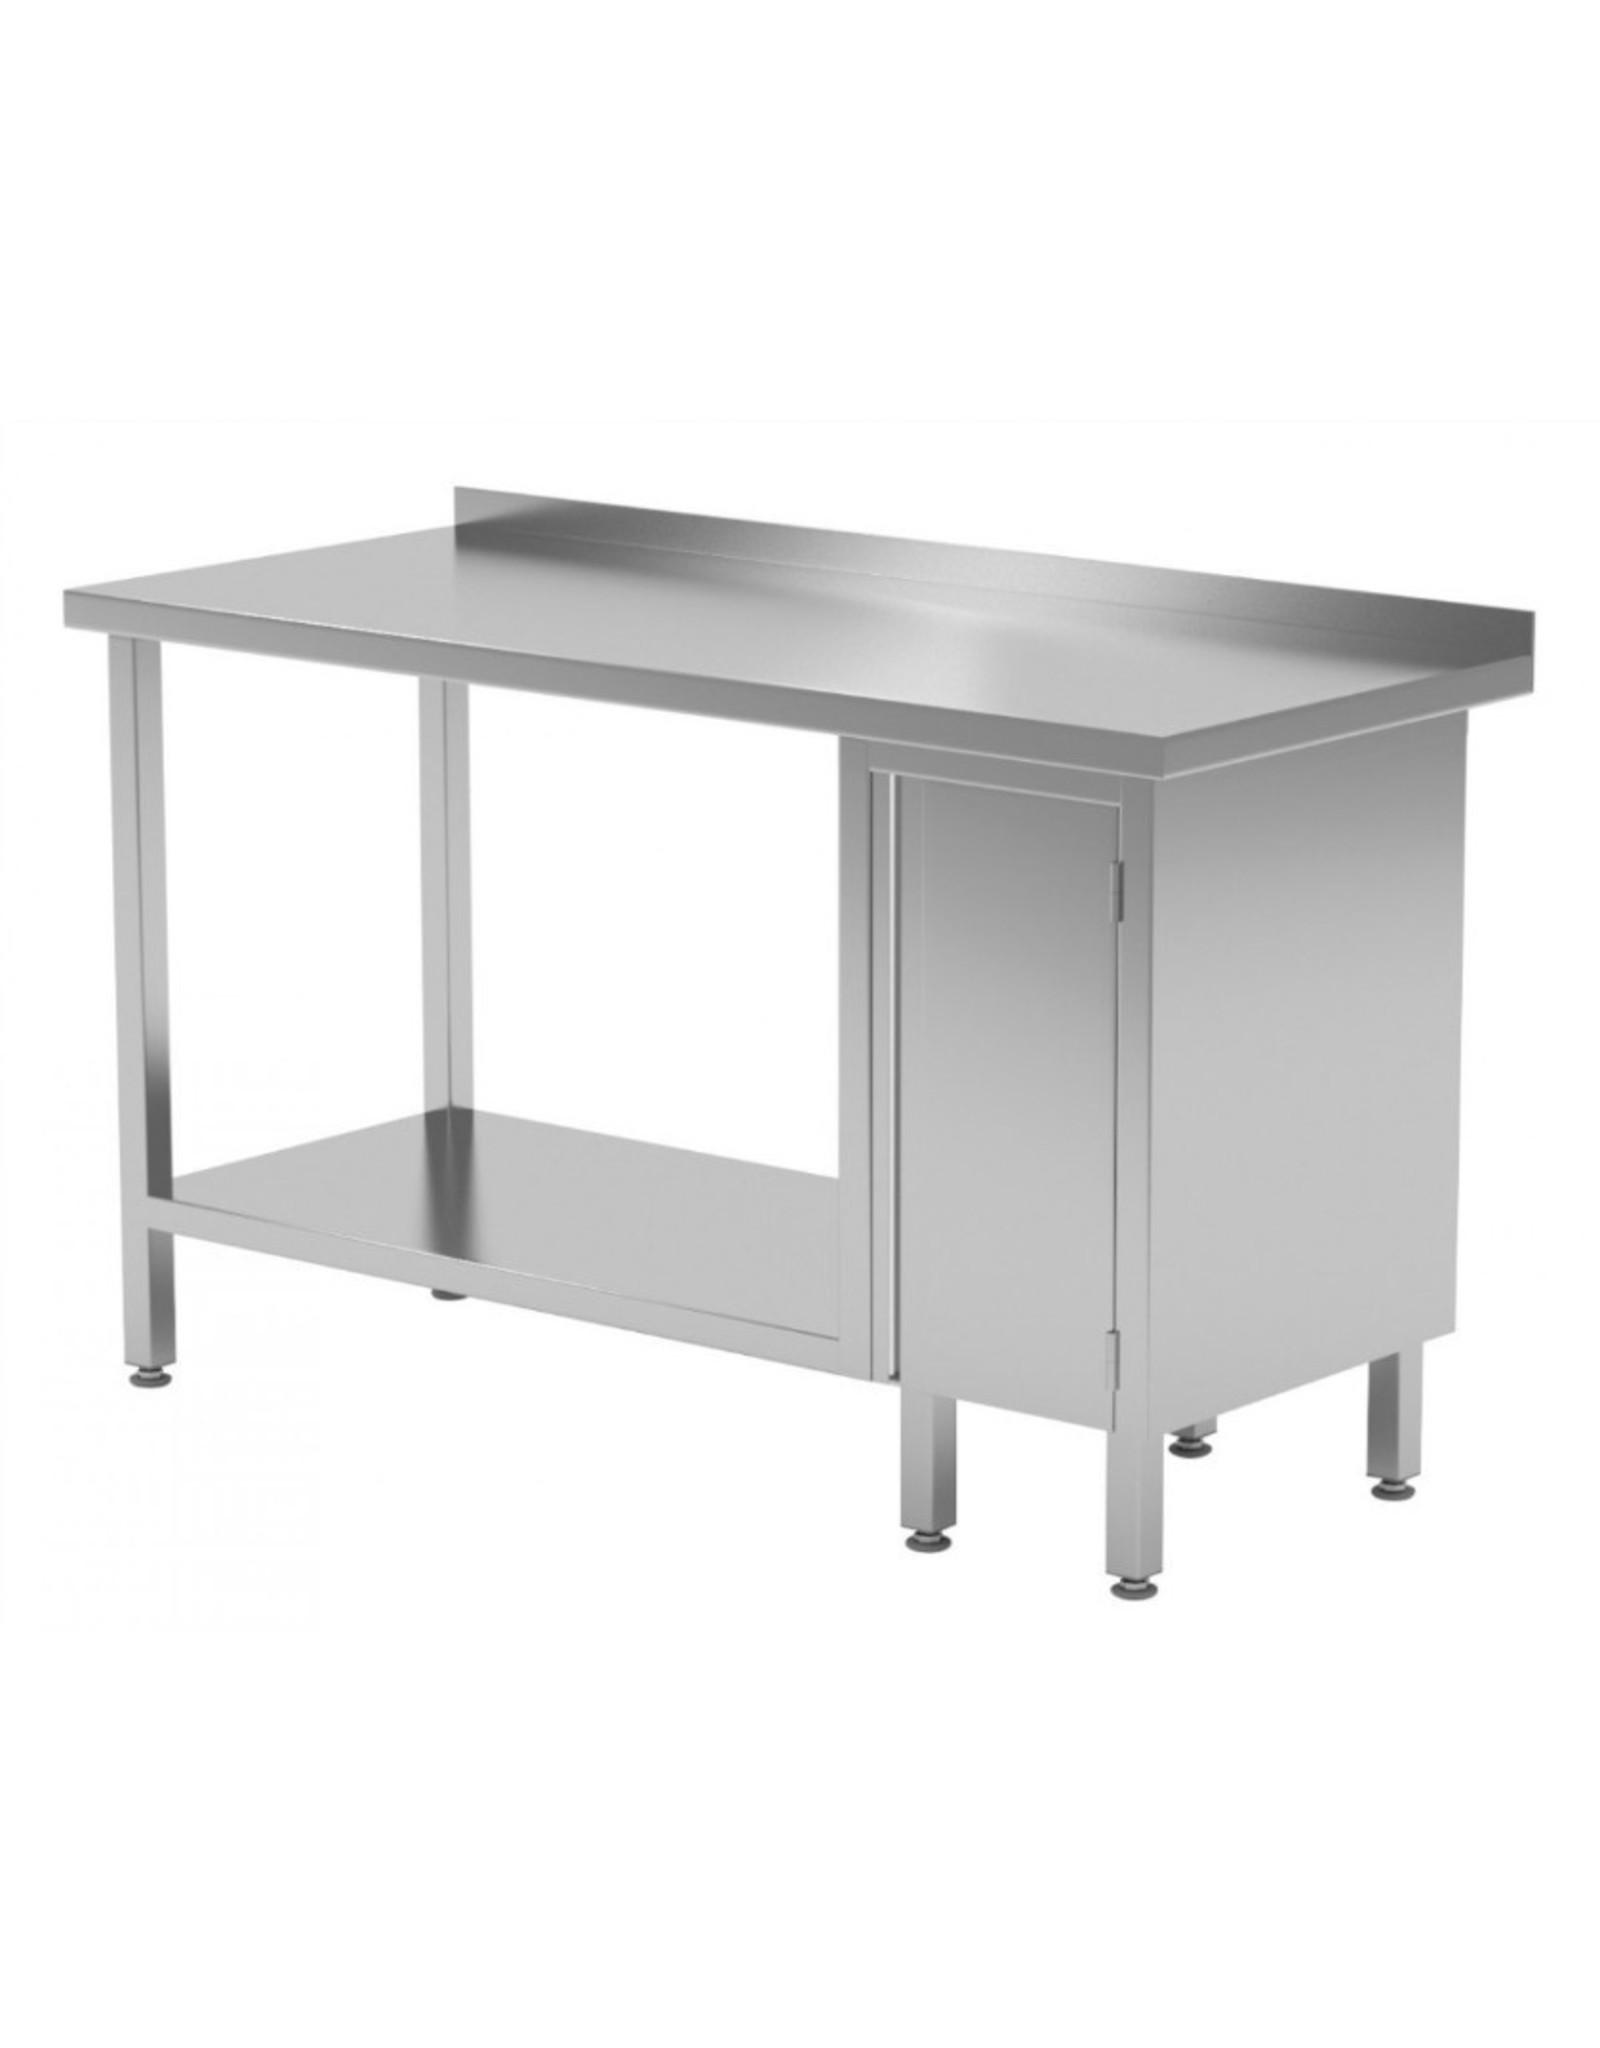 Werktafel met kastje rechts en onderplank | 800-1900mm breed | 600 of 700mm diep